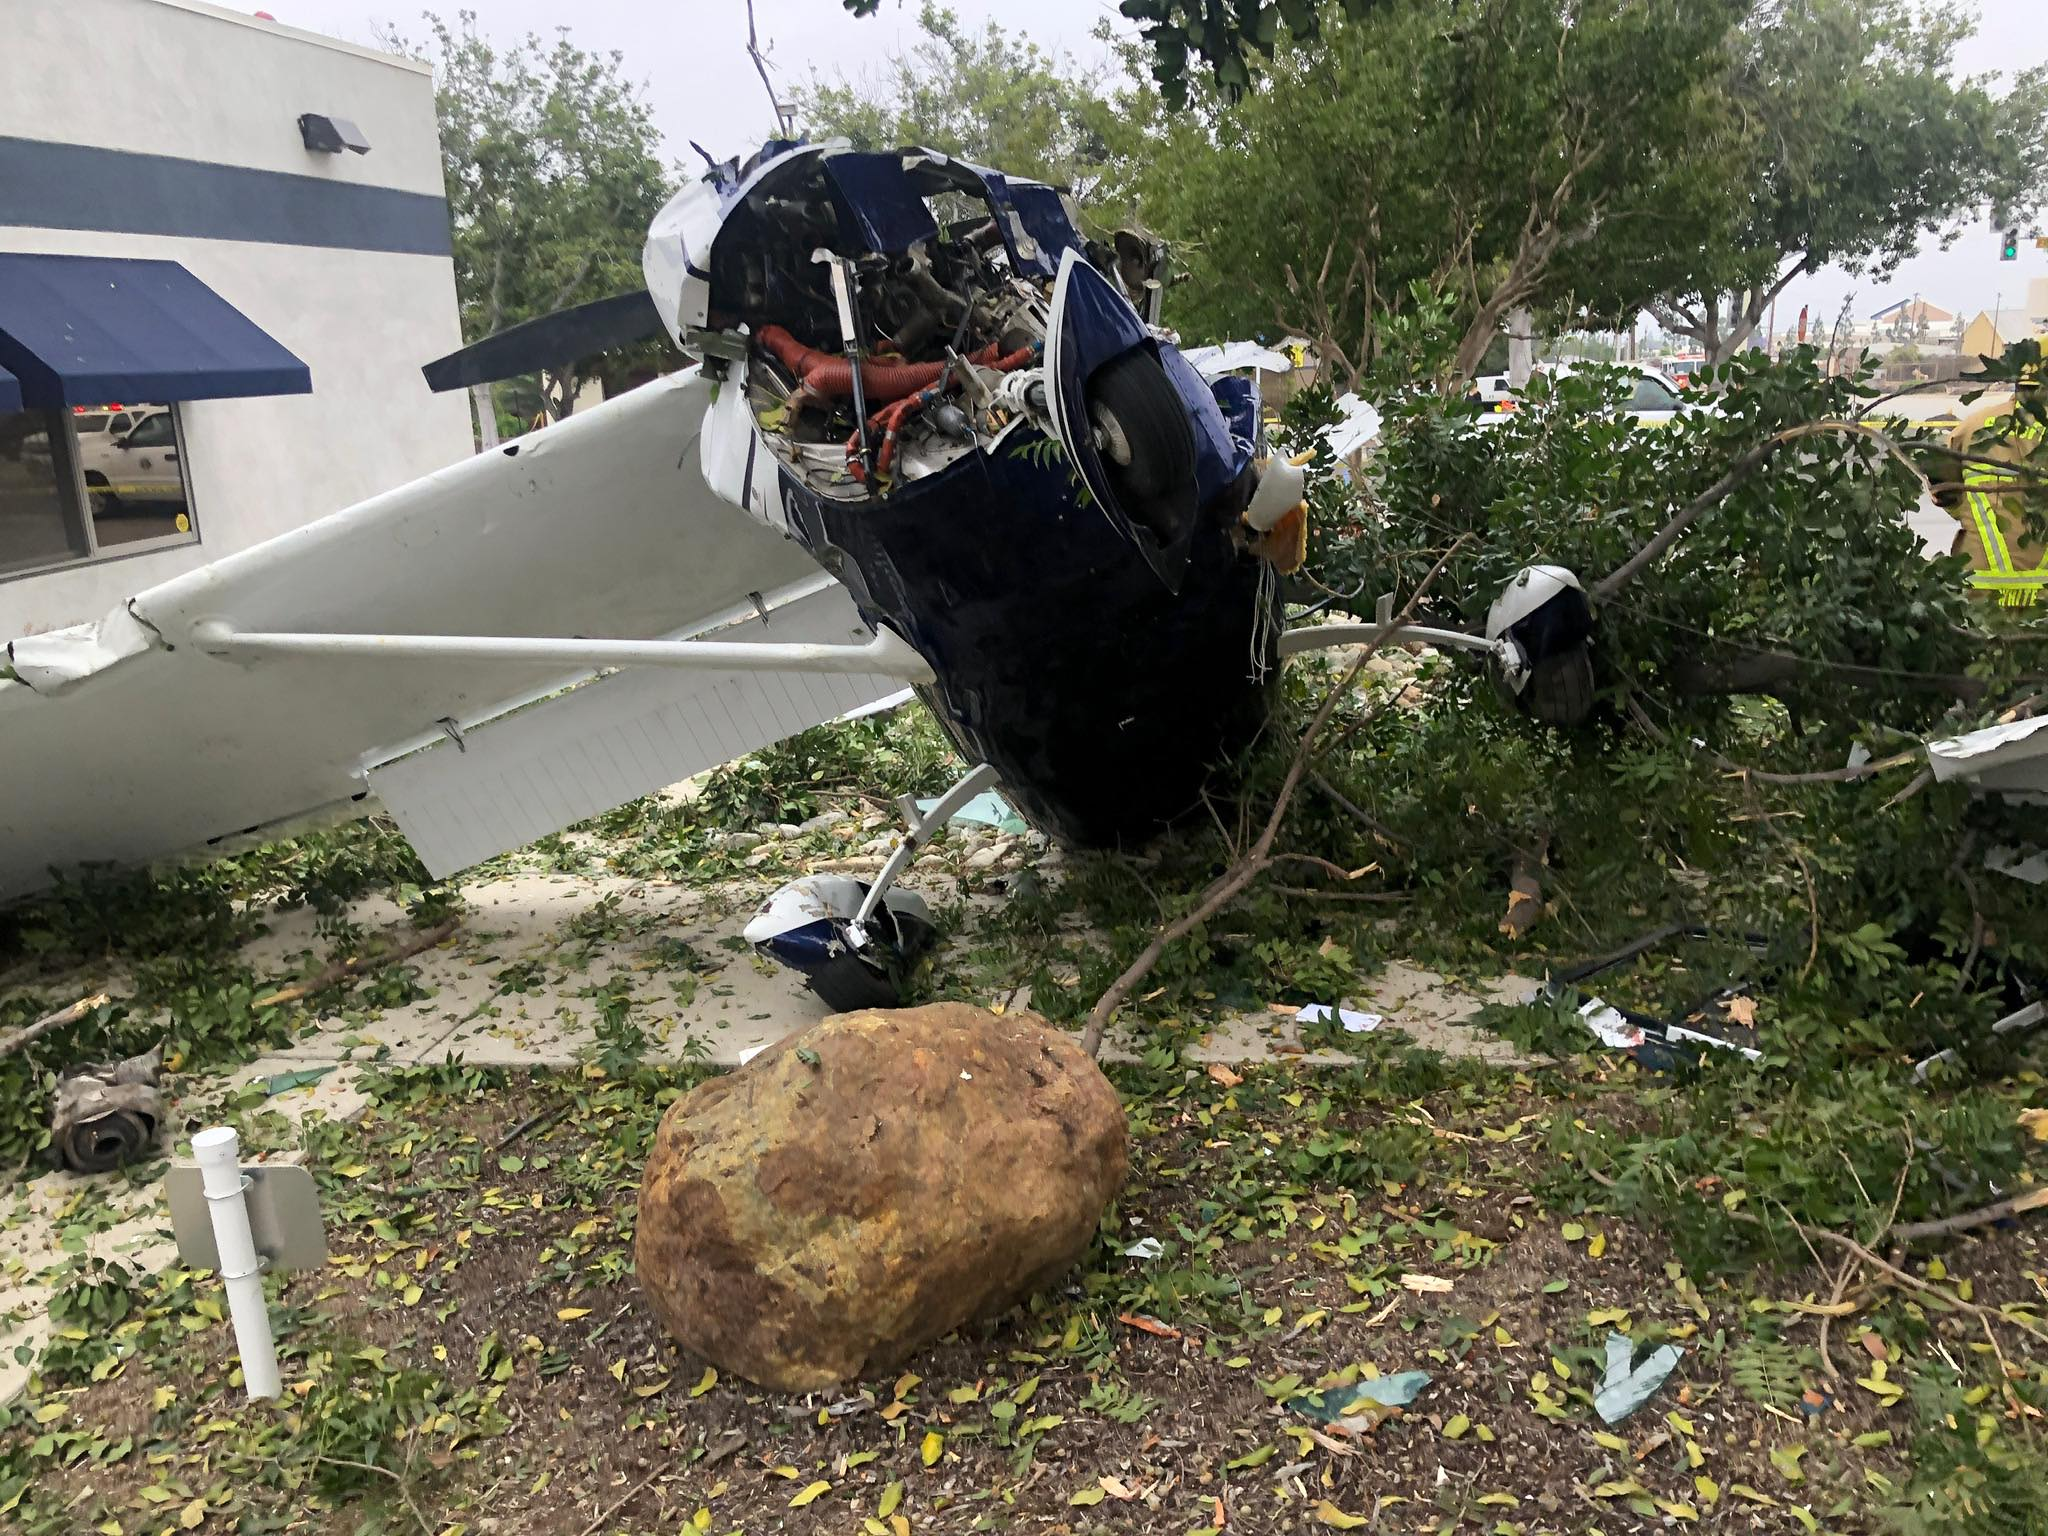 聖伯那丁諾高地市發生小飛機失事意外 機上三人僅受輕傷。聖伯那丁諾消防局